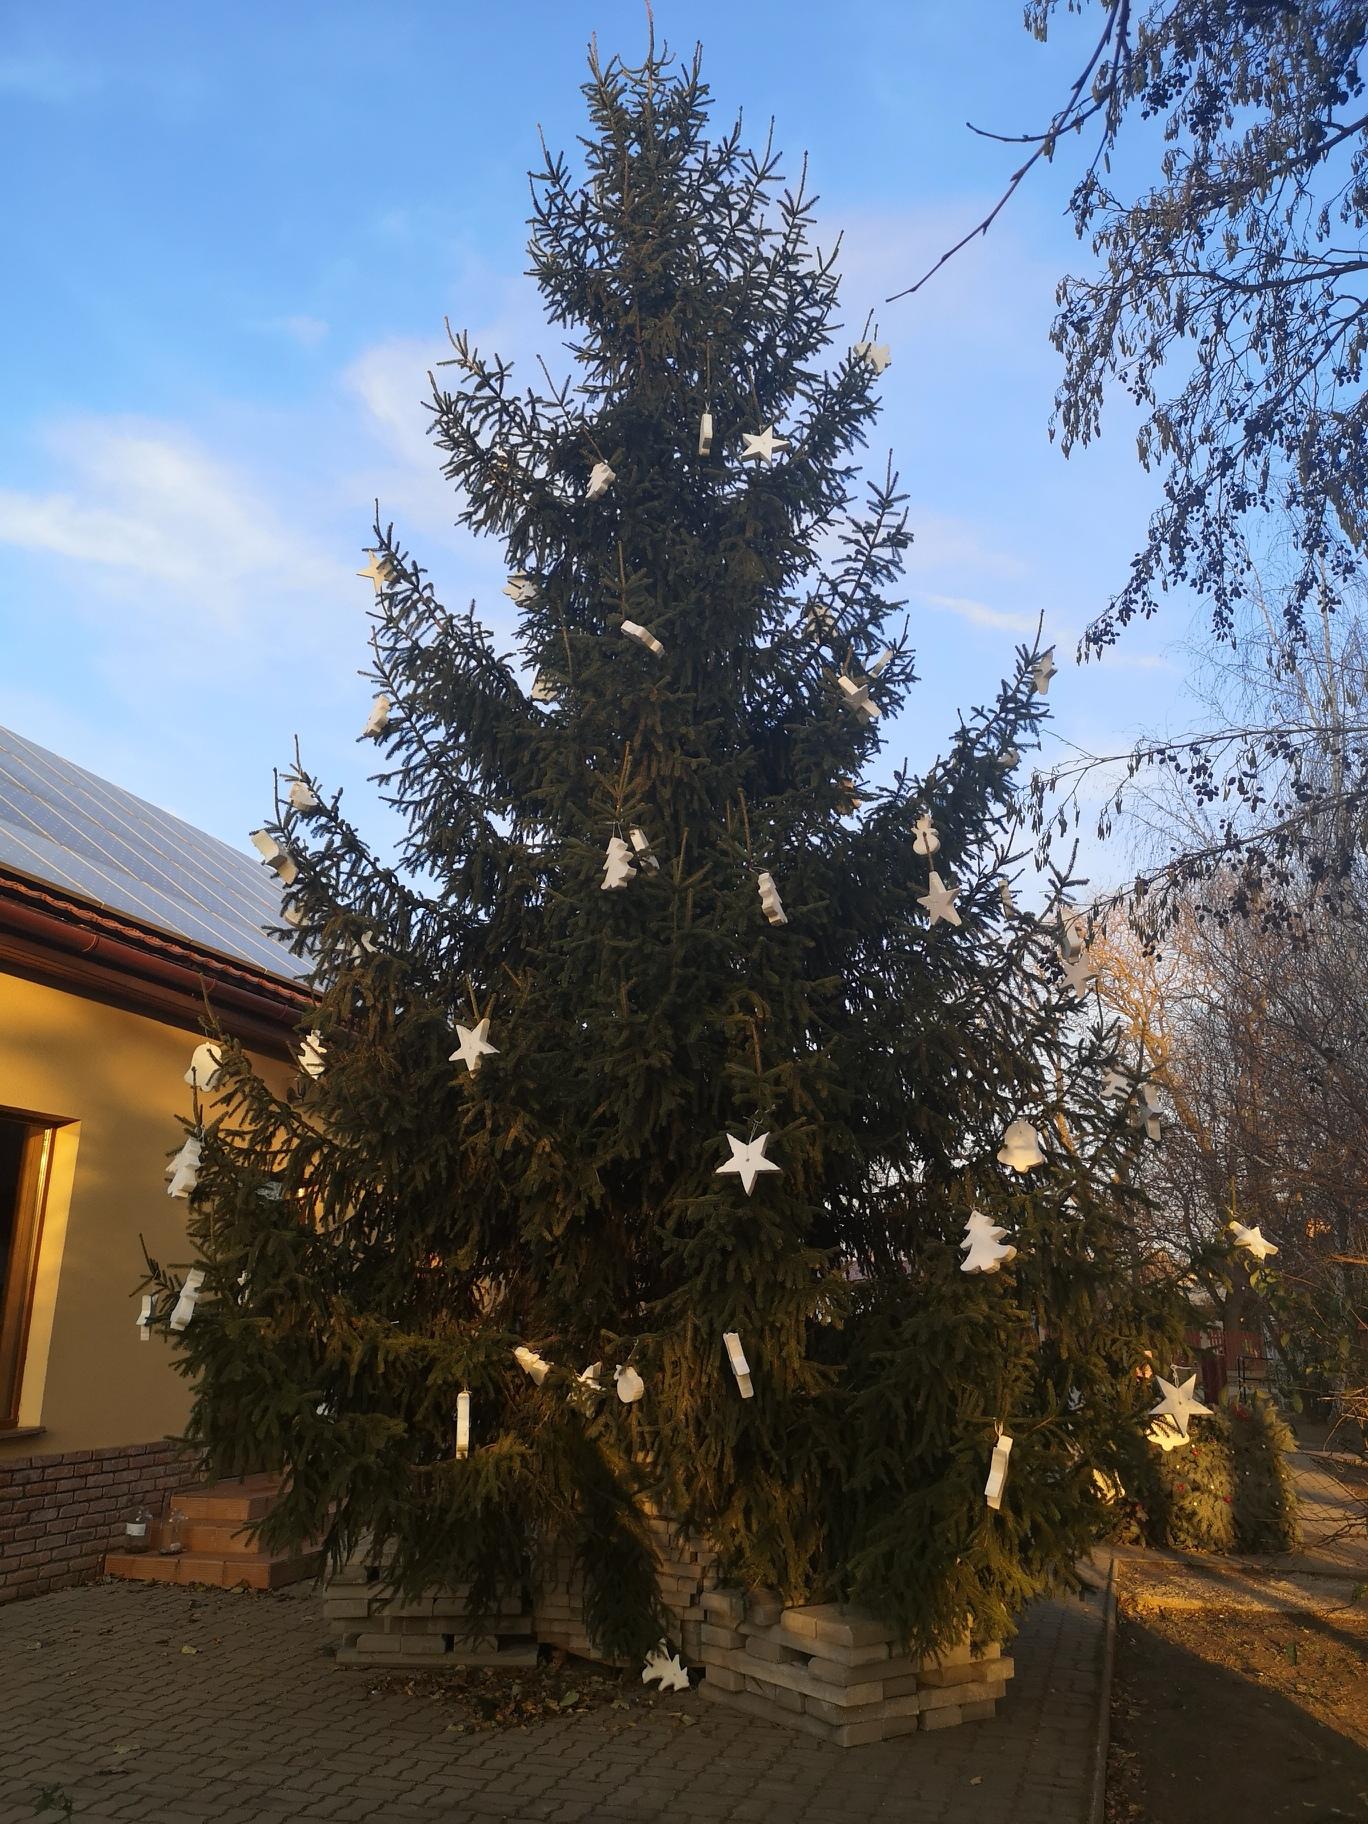 Pénteken felállították Tornyospálca idei karácsonyfáját